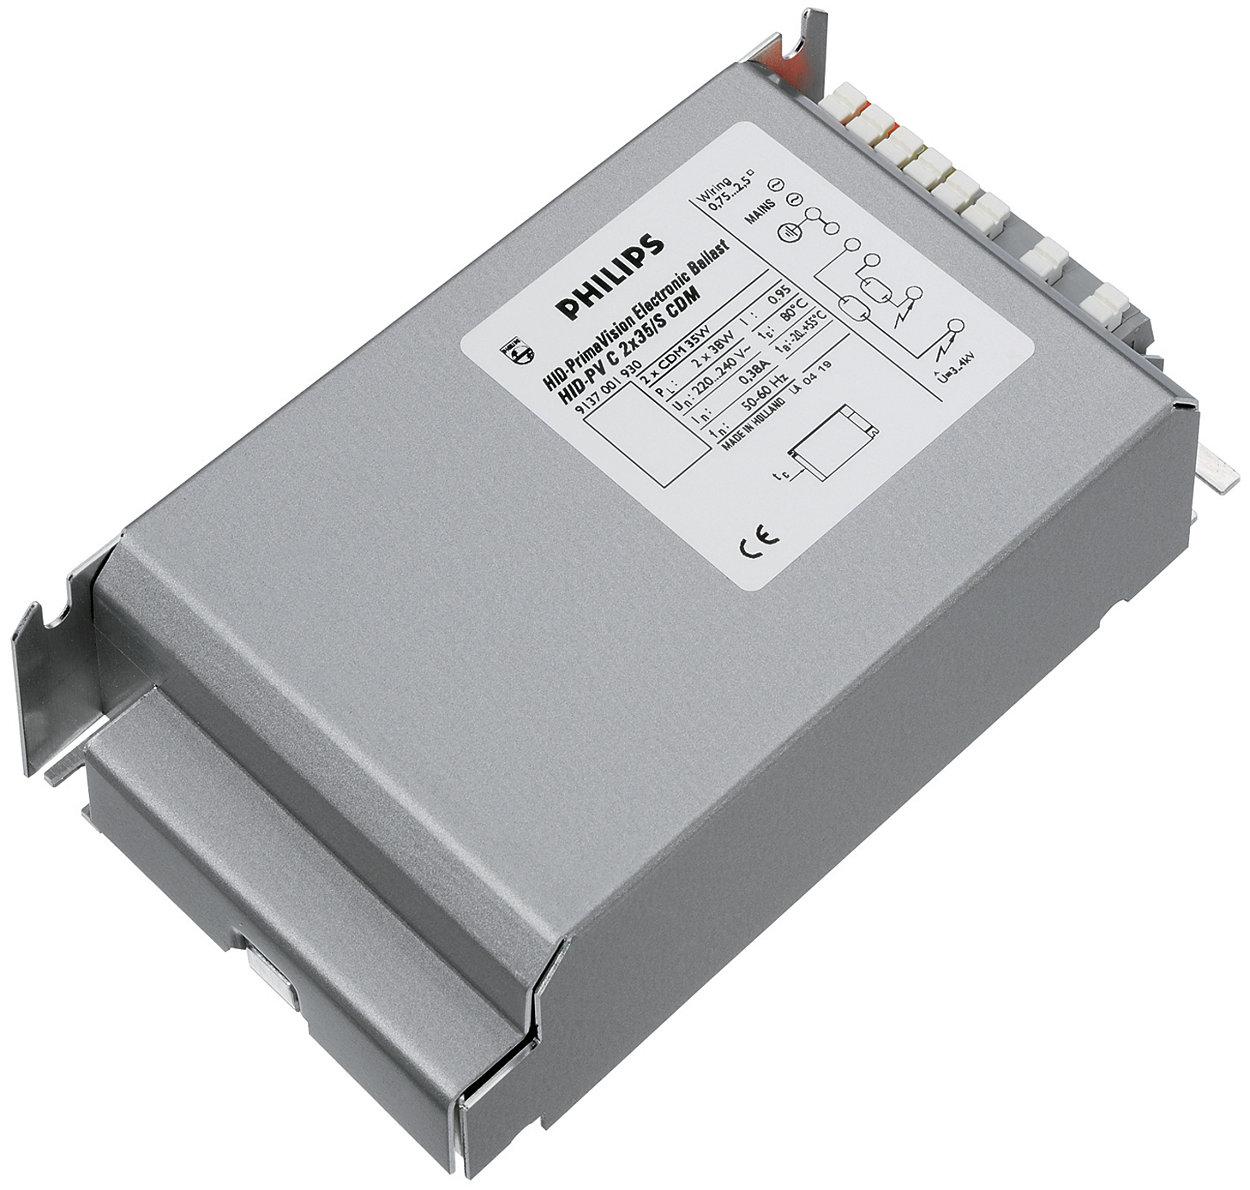 PrimaVision Twin (35 W i 70 W) dla CDM — ekonomiczne i funkcjonalne rozwiązanie